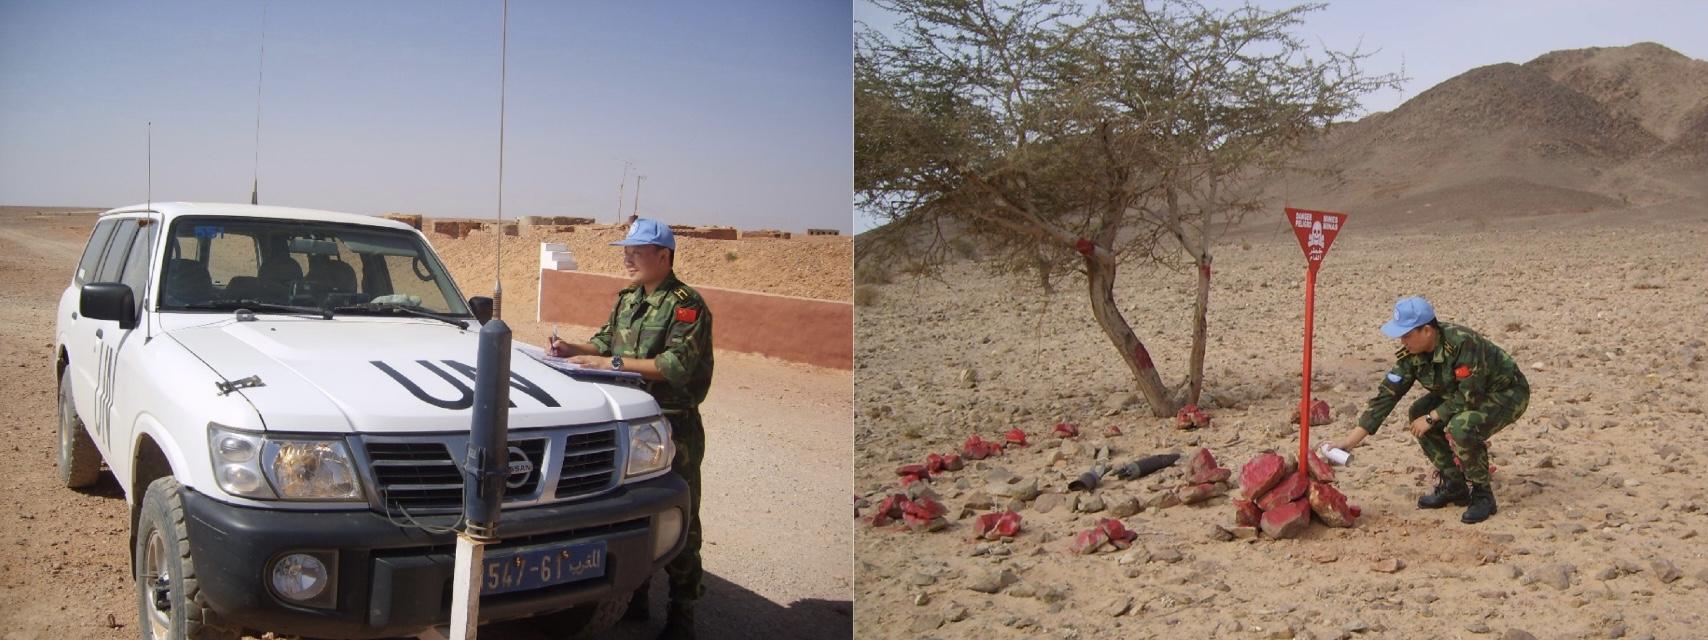 李老师曾在非洲西撒哈拉地区执行联合国维和任务